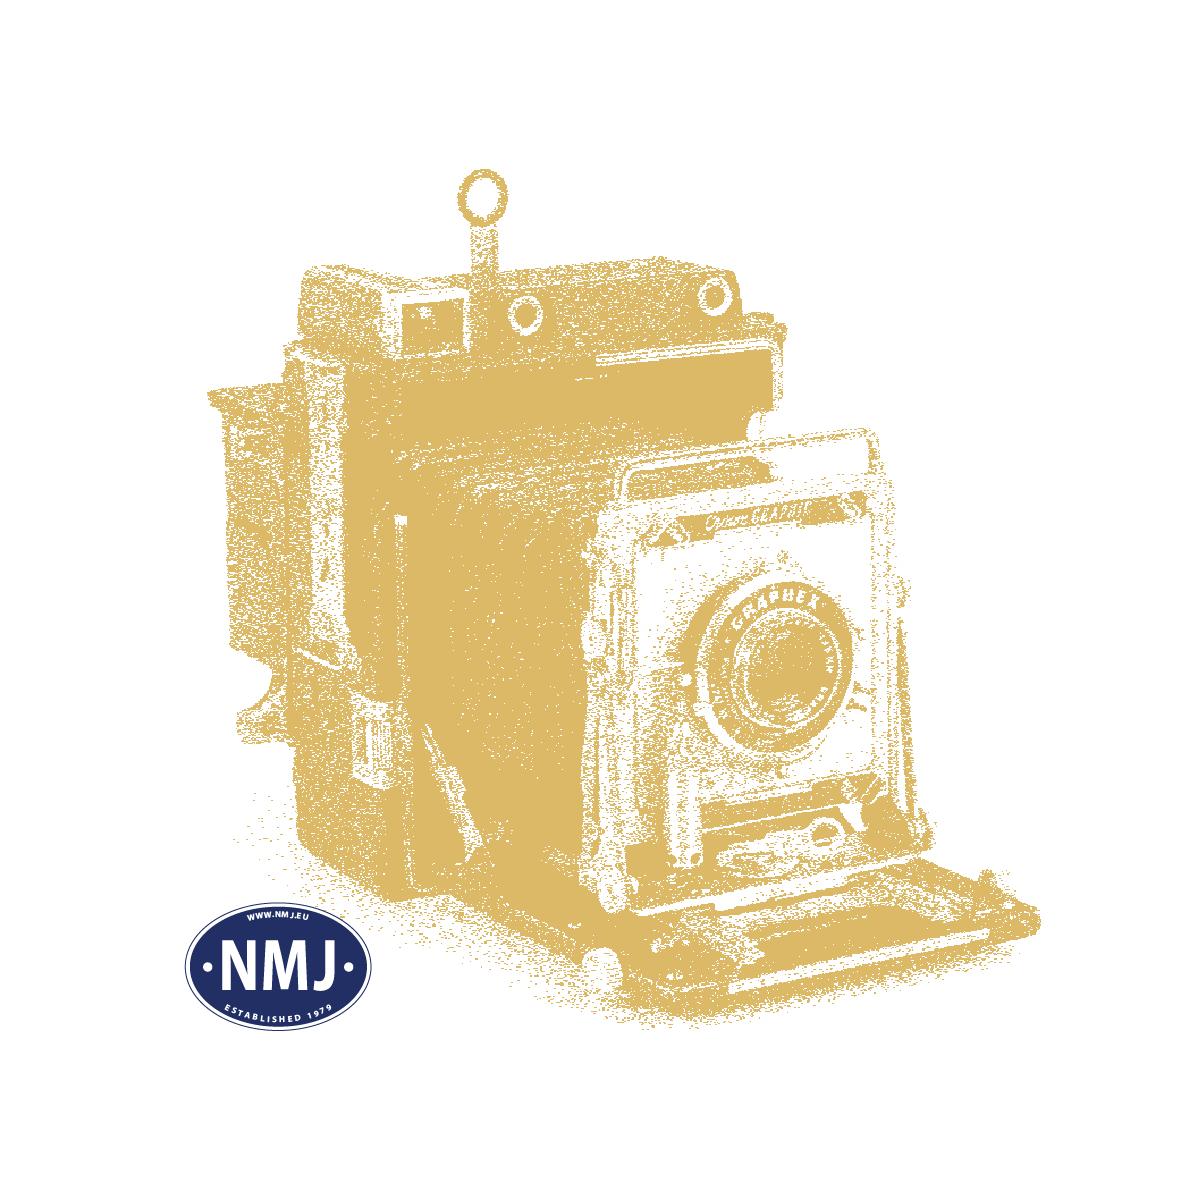 NMJT203.001 - NMJ Topline SJ ABo3K 5060, 1/2 kl. Personvogn, rund SJ logo